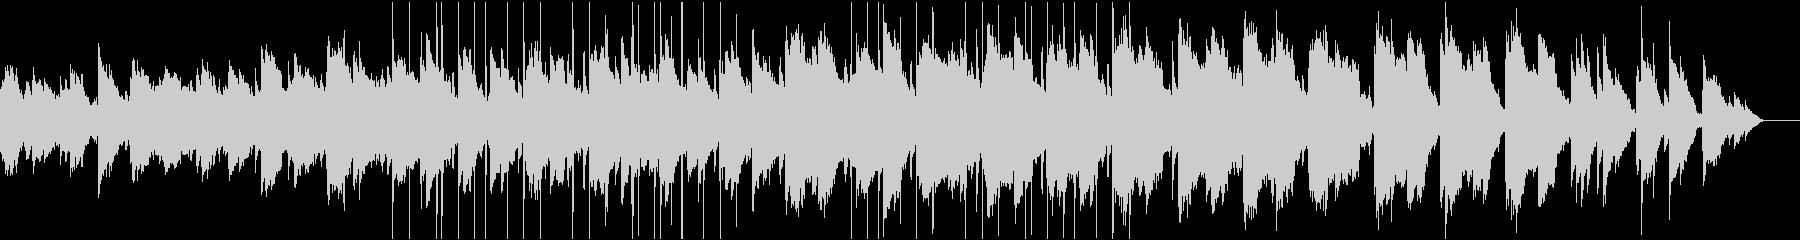 ゴシック・アンビエント・ピアノの未再生の波形